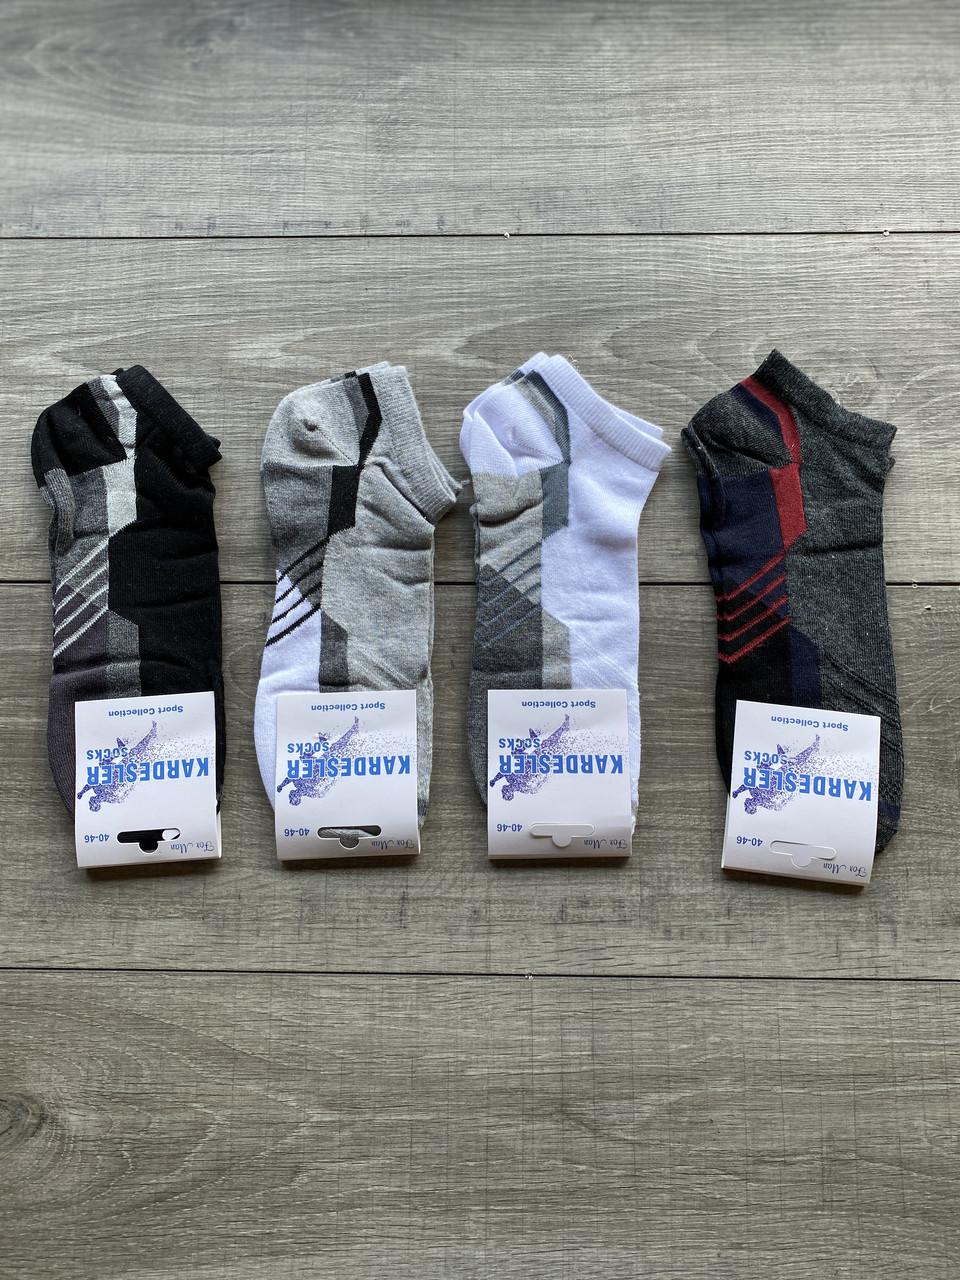 Мужские носки короткие Kardesler из хлопка однотонные 40-45 12 шт в уп ассорти цветов